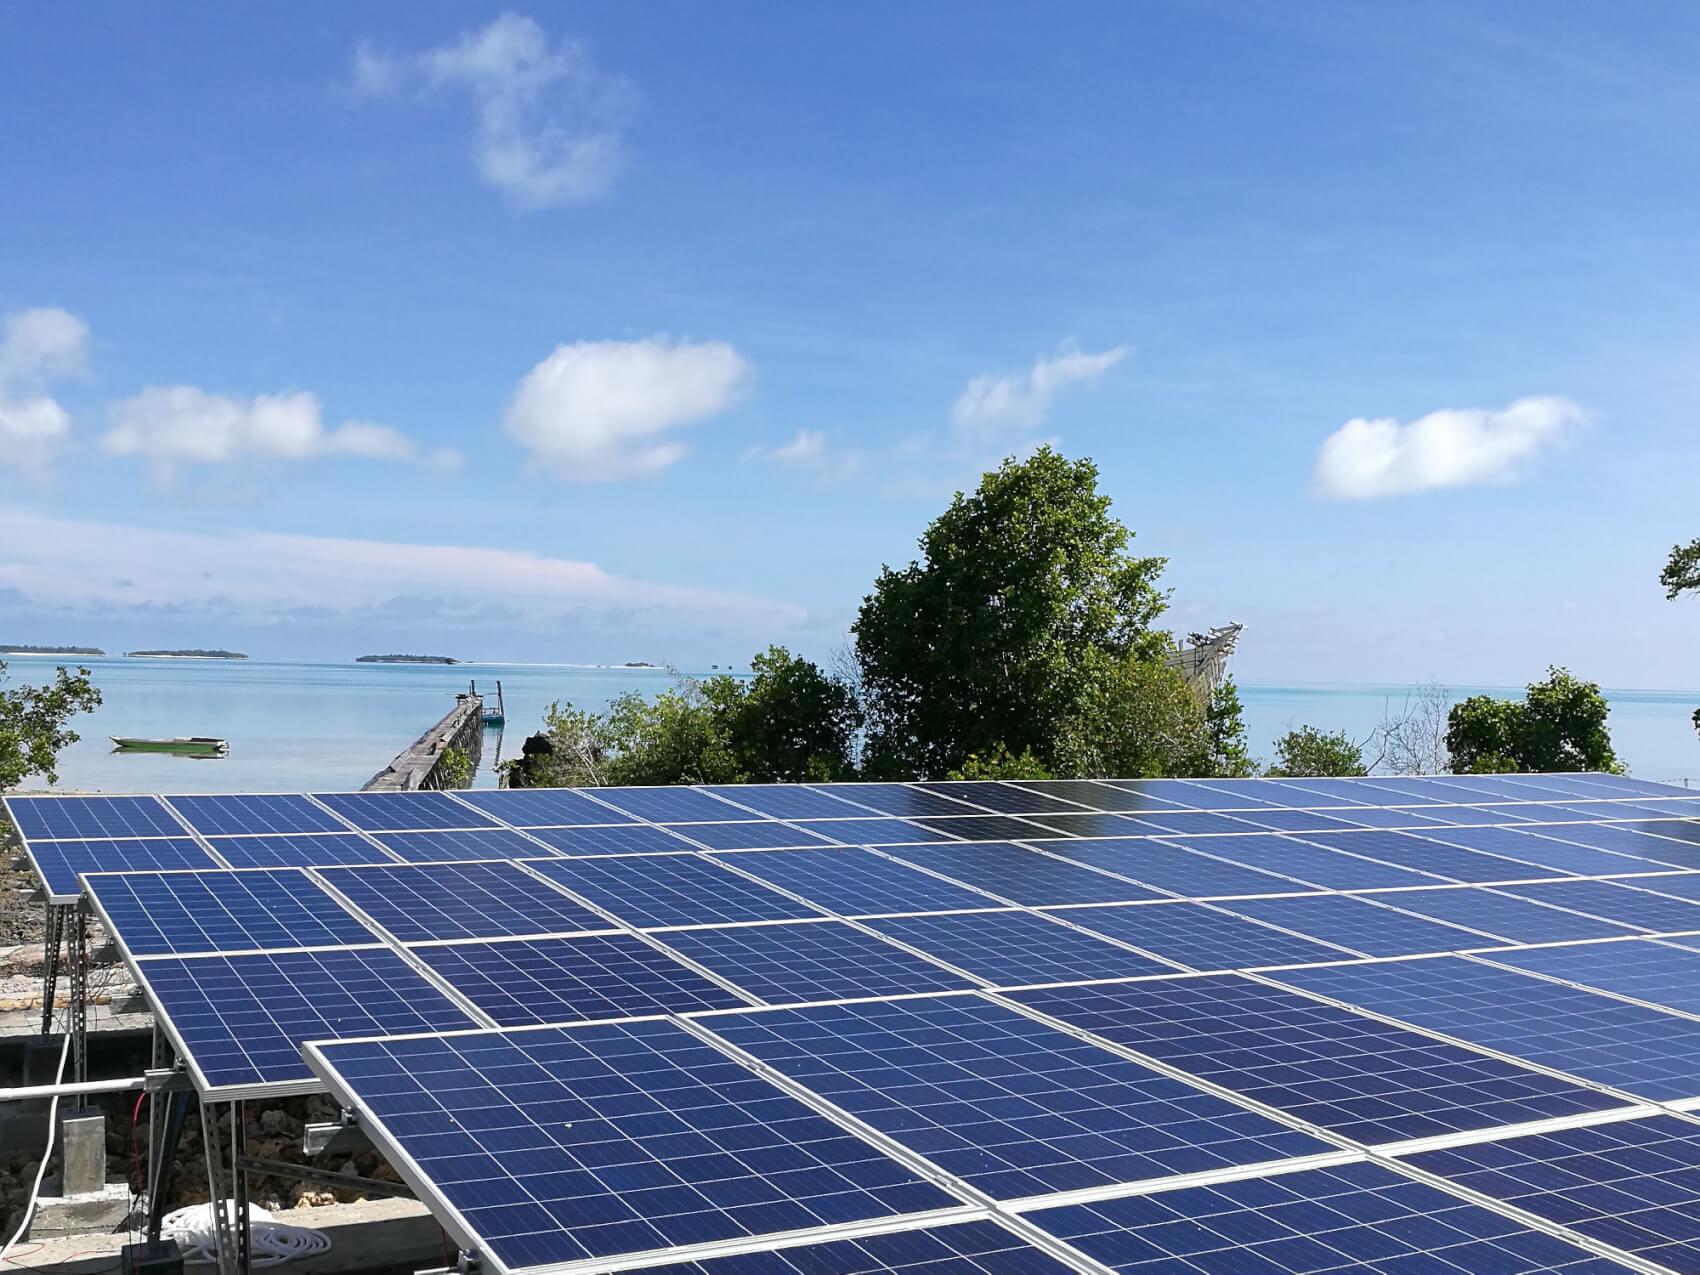 印尼海島太陽能離網發電項目